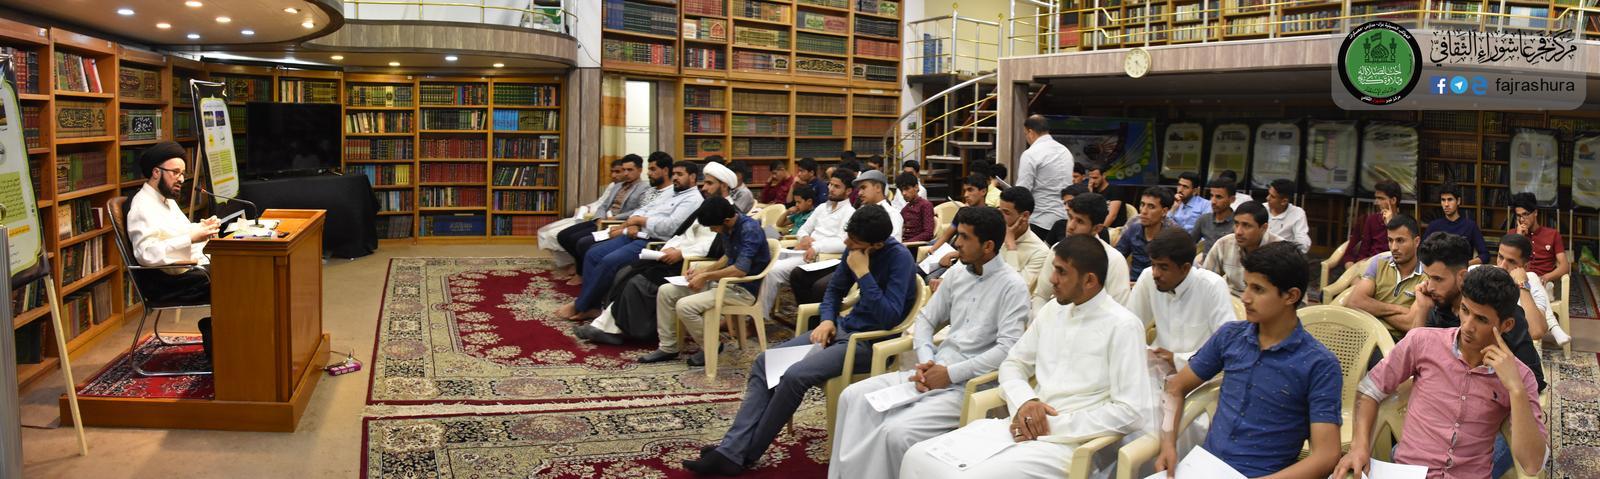 06 السيد-حيدر-العذاري-يوم-الجمعة-بعنوان-الحسين-عليه-السلام-وارث-ابراهيم-وموسى-ع